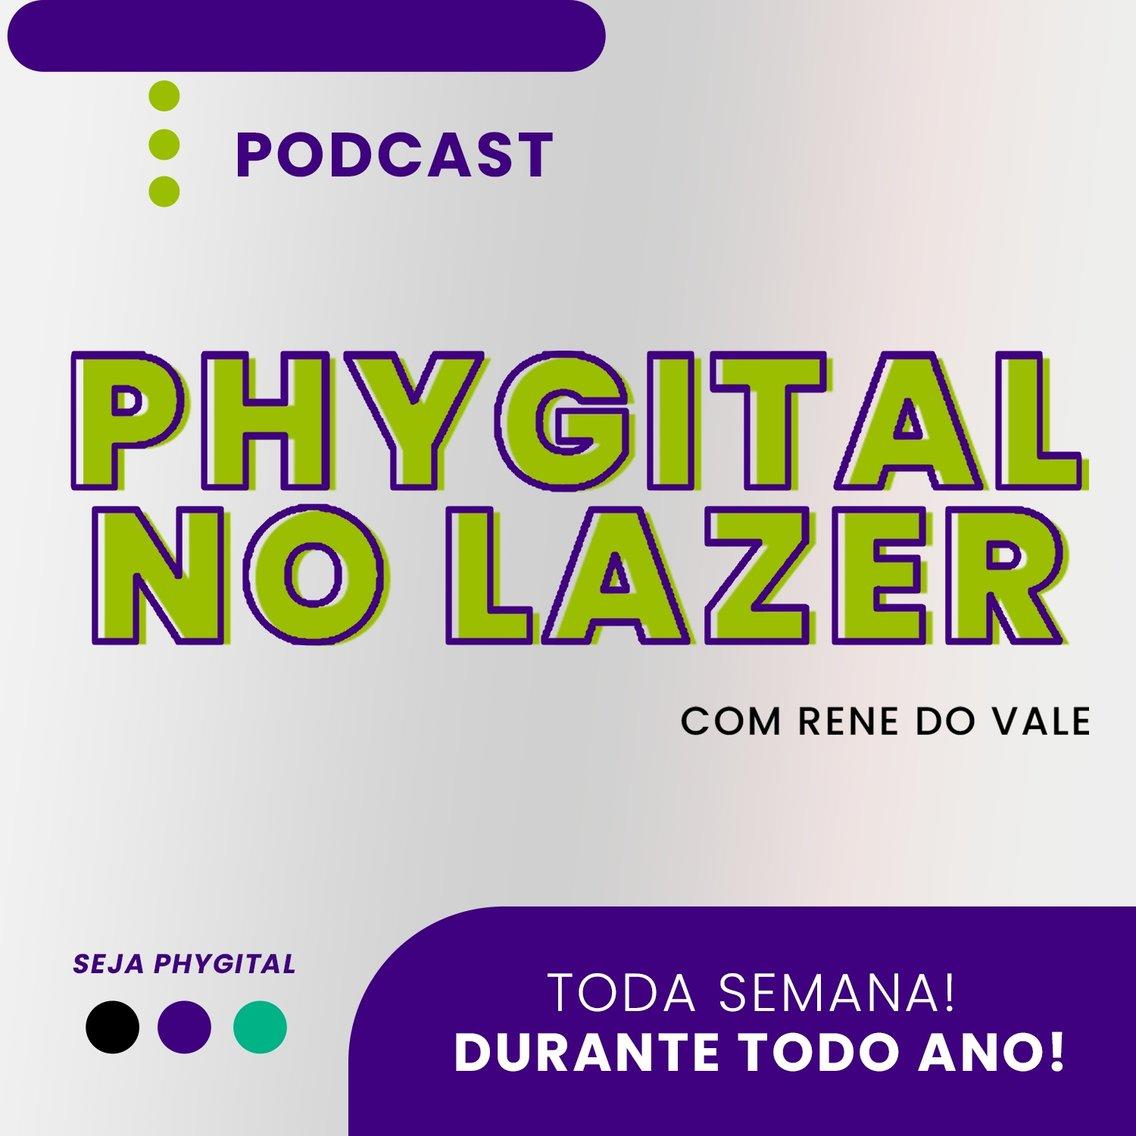 Phygital no Lazer - immagine di copertina